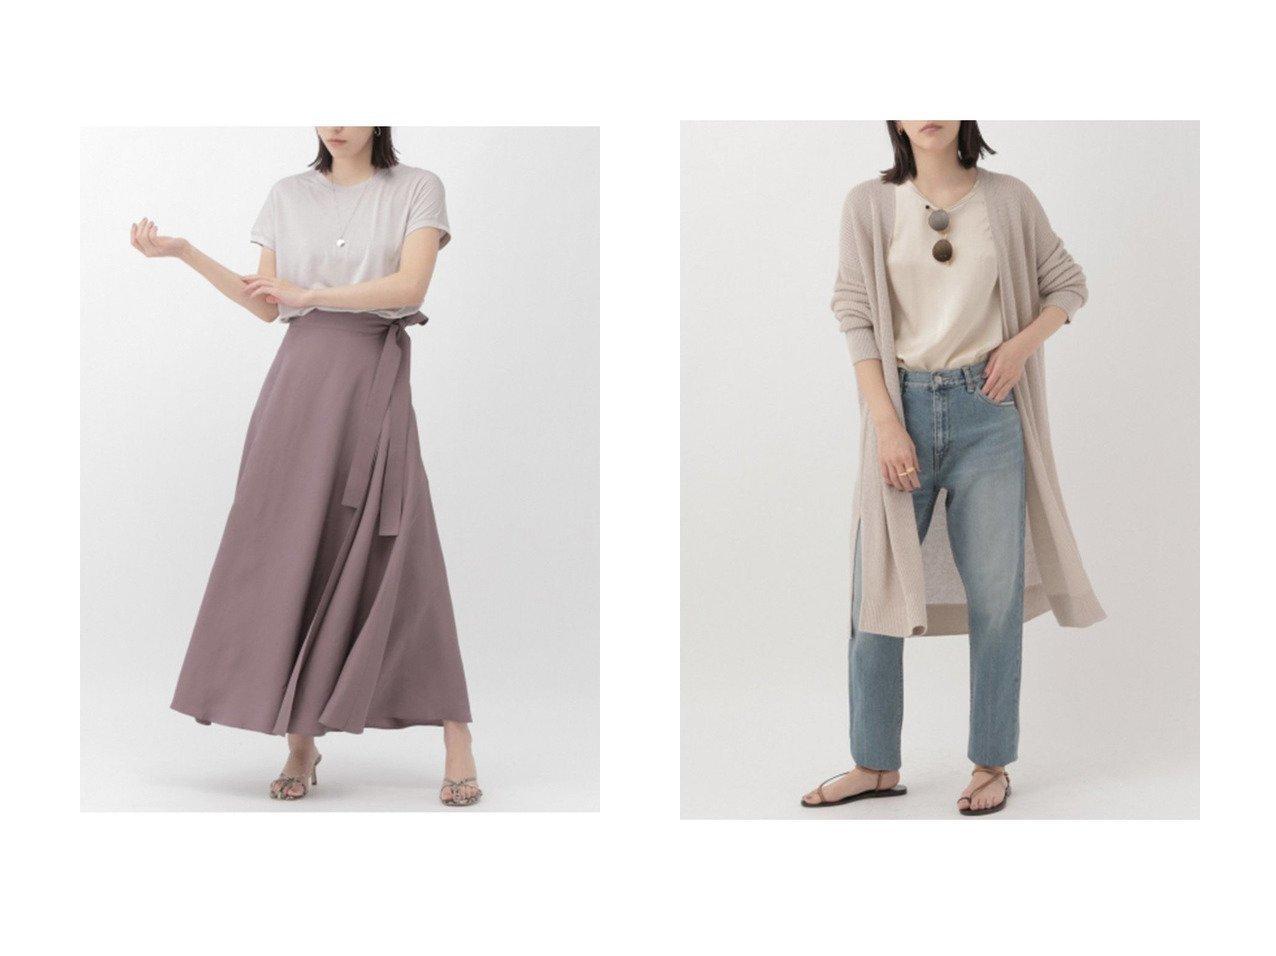 【Chaos/カオス】のシルクアームレットTシャツ&リネンレーヨン畦編みロングカーディガン 【トップス・カットソー】おすすめ!人気、トレンド・レディースファッションの通販 おすすめで人気の流行・トレンド、ファッションの通販商品 メンズファッション・キッズファッション・インテリア・家具・レディースファッション・服の通販 founy(ファニー) https://founy.com/ ファッション Fashion レディースファッション WOMEN トップス・カットソー Tops/Tshirt シャツ/ブラウス Shirts/Blouses ロング / Tシャツ T-Shirts カットソー Cut and Sewn ニット Knit Tops カーディガン Cardigans 畦編みニット Cardigan Stitch カットソー ショート シルク スリーブ カーディガン シンプル リネン ロング 畦 |ID:crp329100000029867